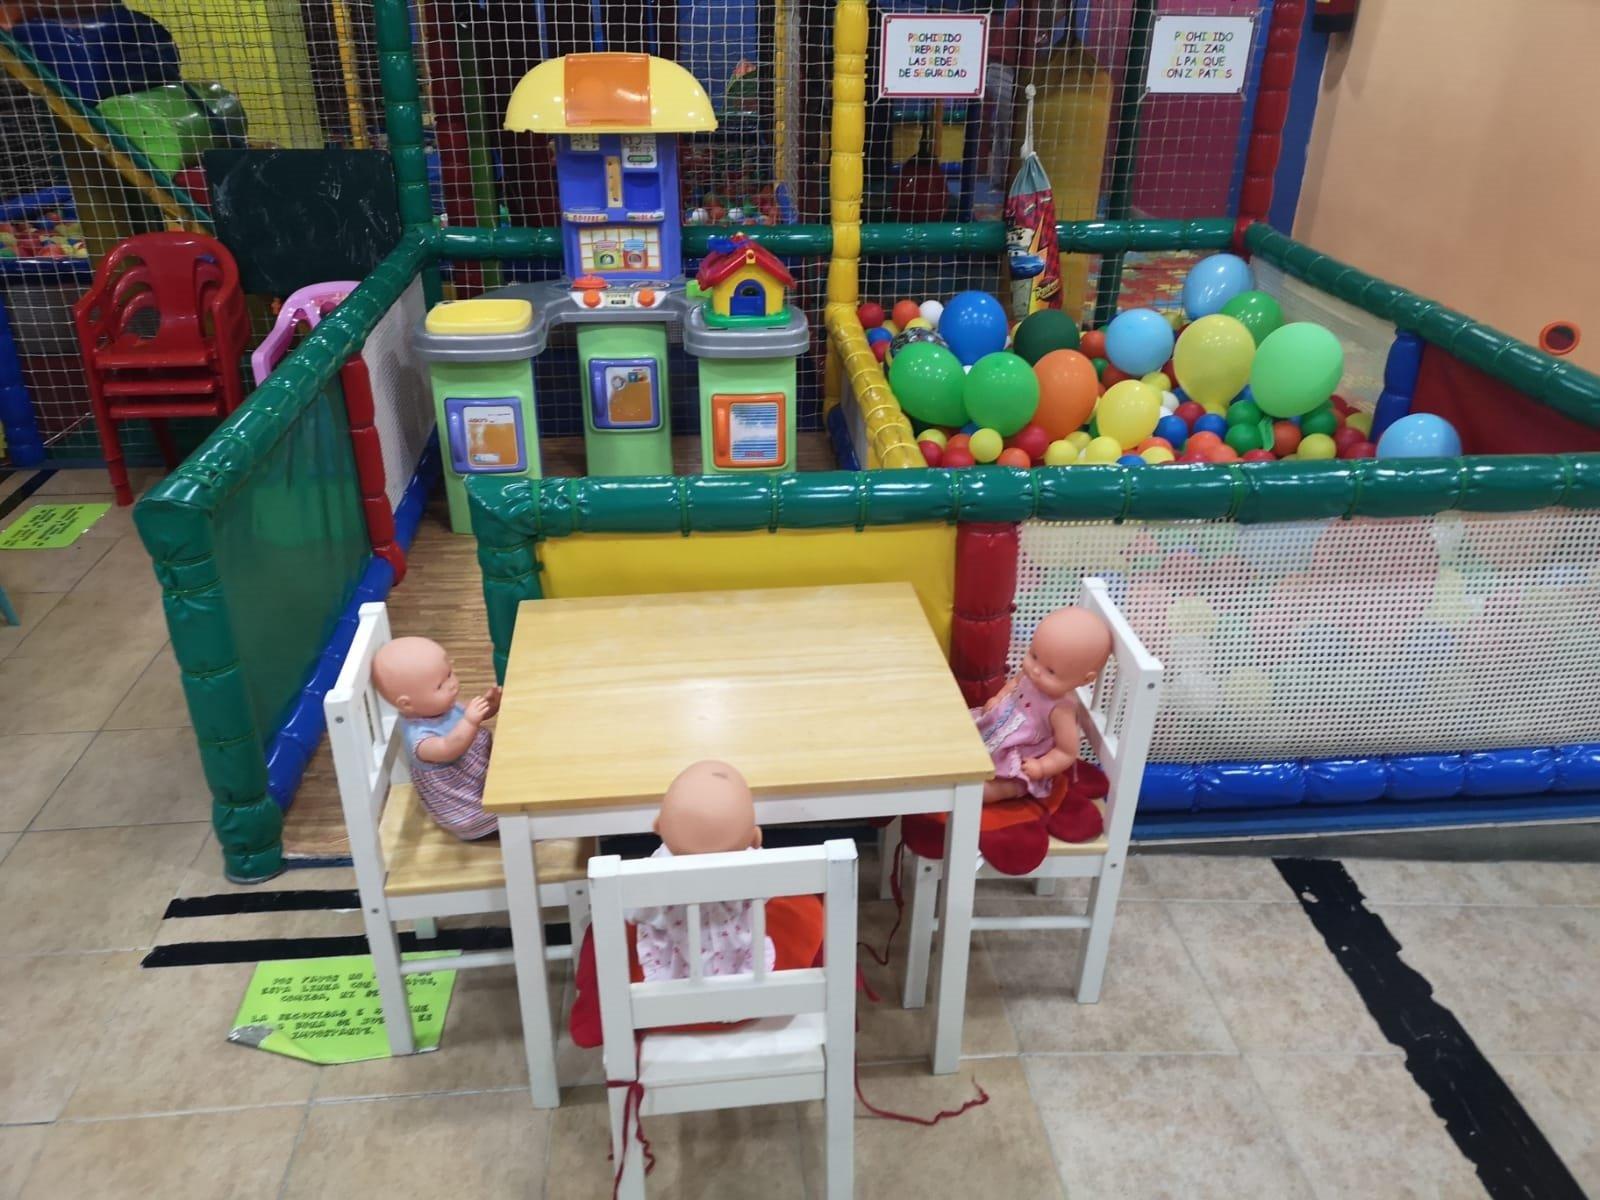 Parque infantil con cafeteria Fuengirola con zona para bebés.